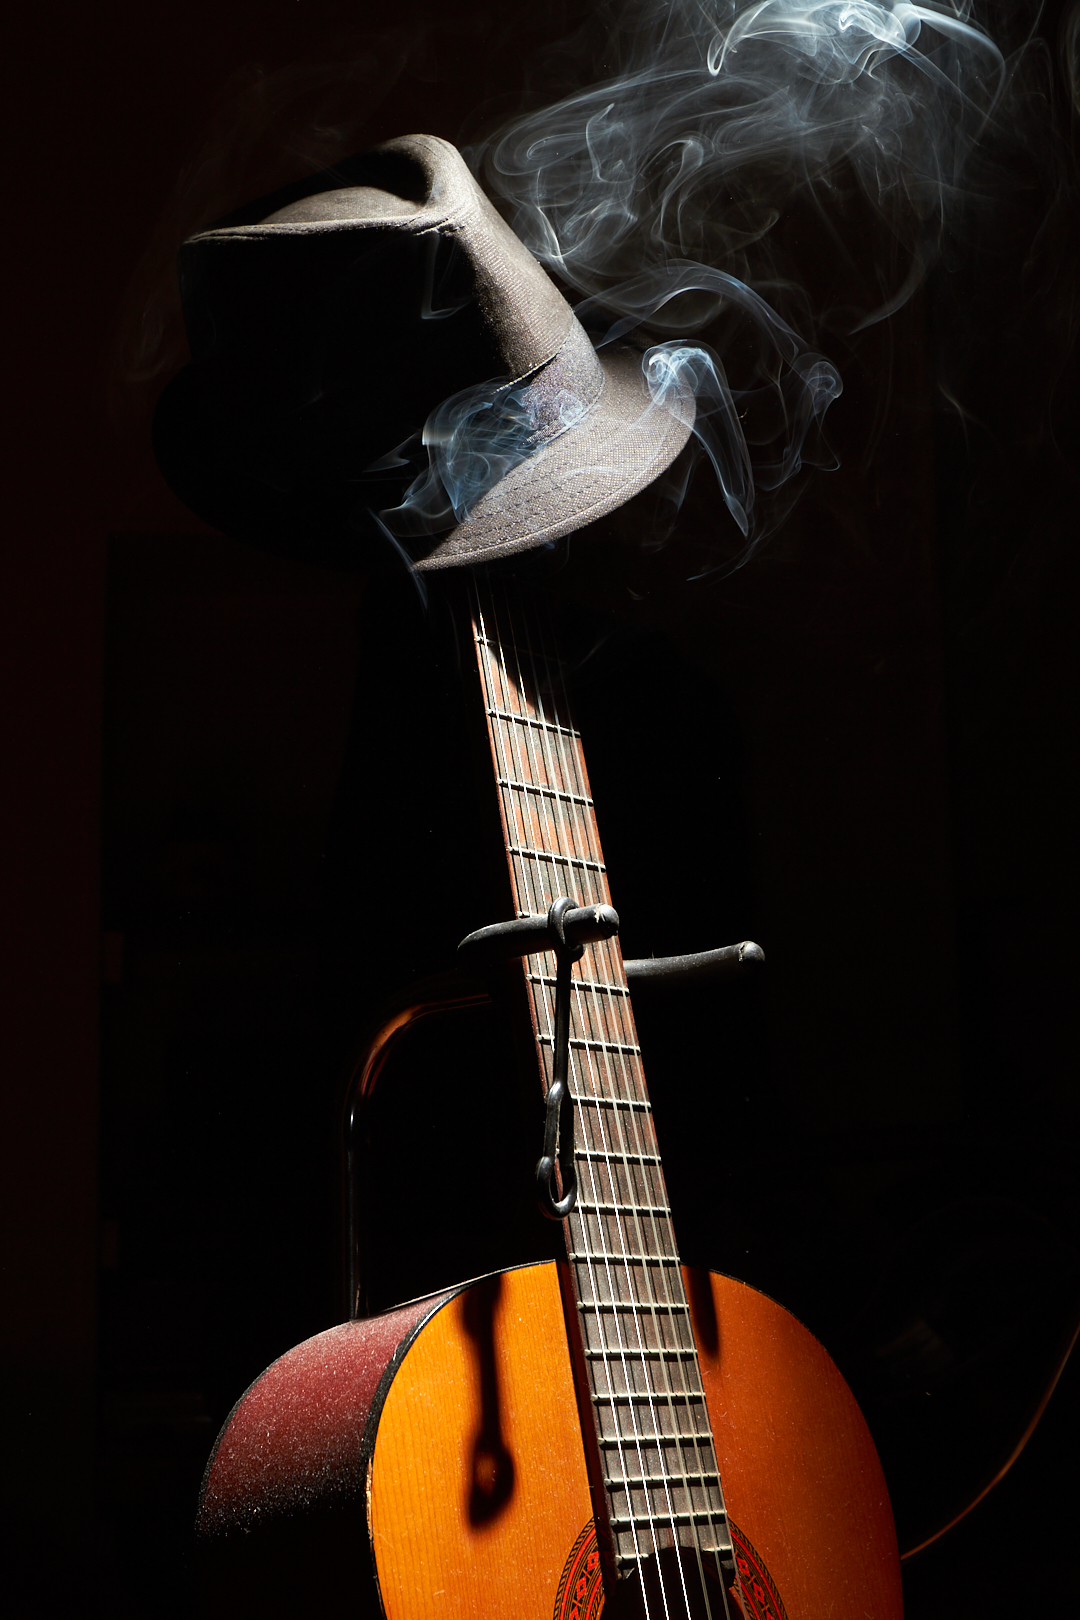 Pvk Photo | Photographe professionnel | Nature morte d'une guitare avec un chapeau et de la fumée